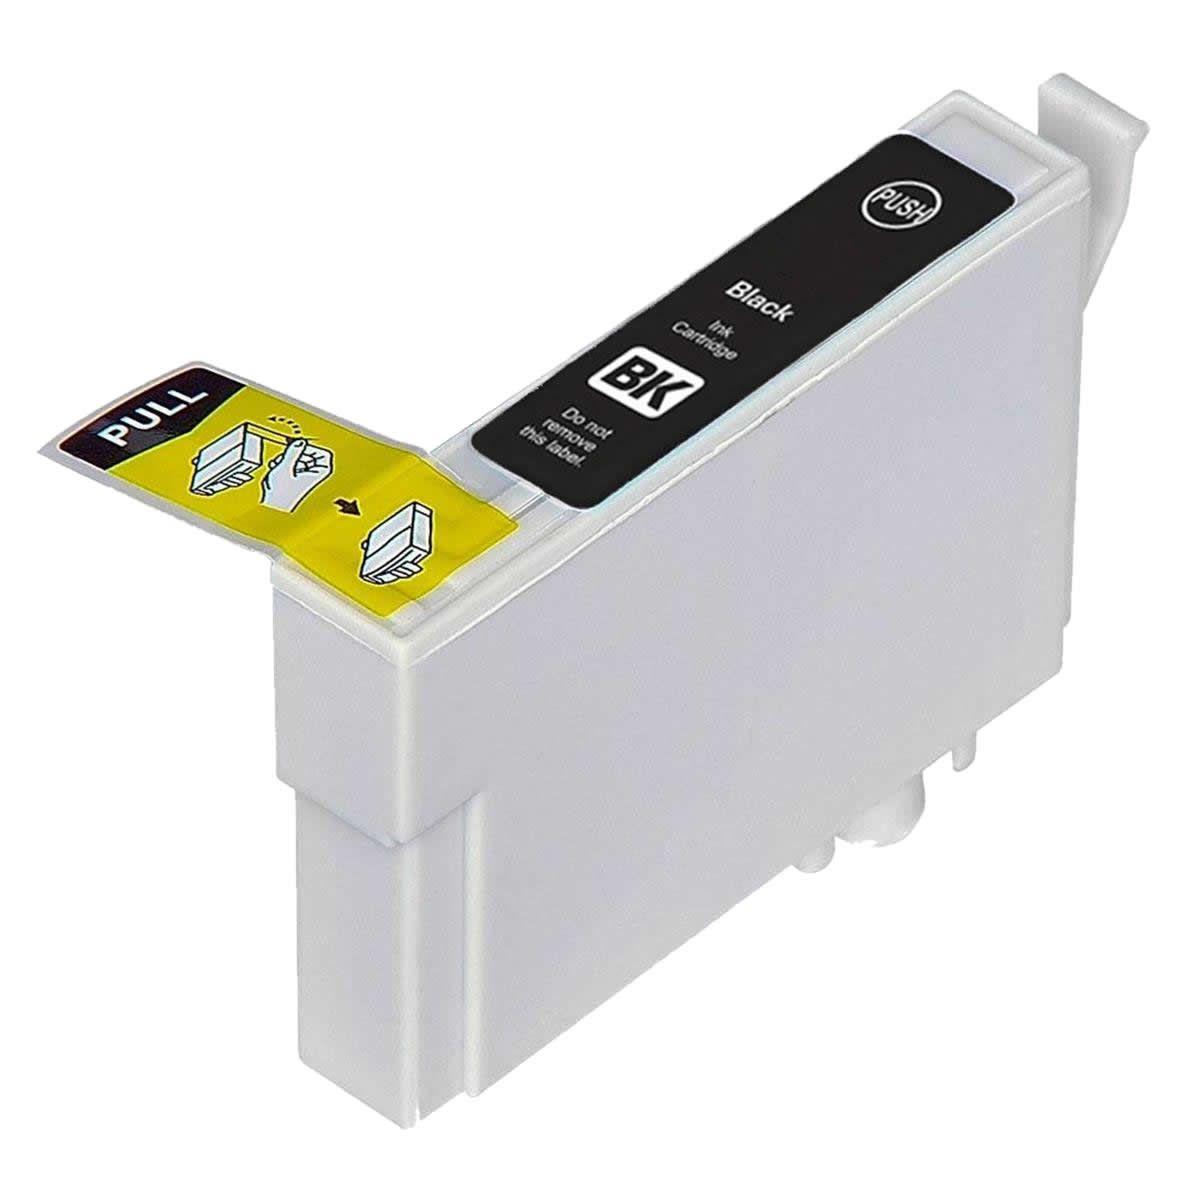 Cartucho MJ Compatível TO821 Preto para R270 R290 T50 da EPSON